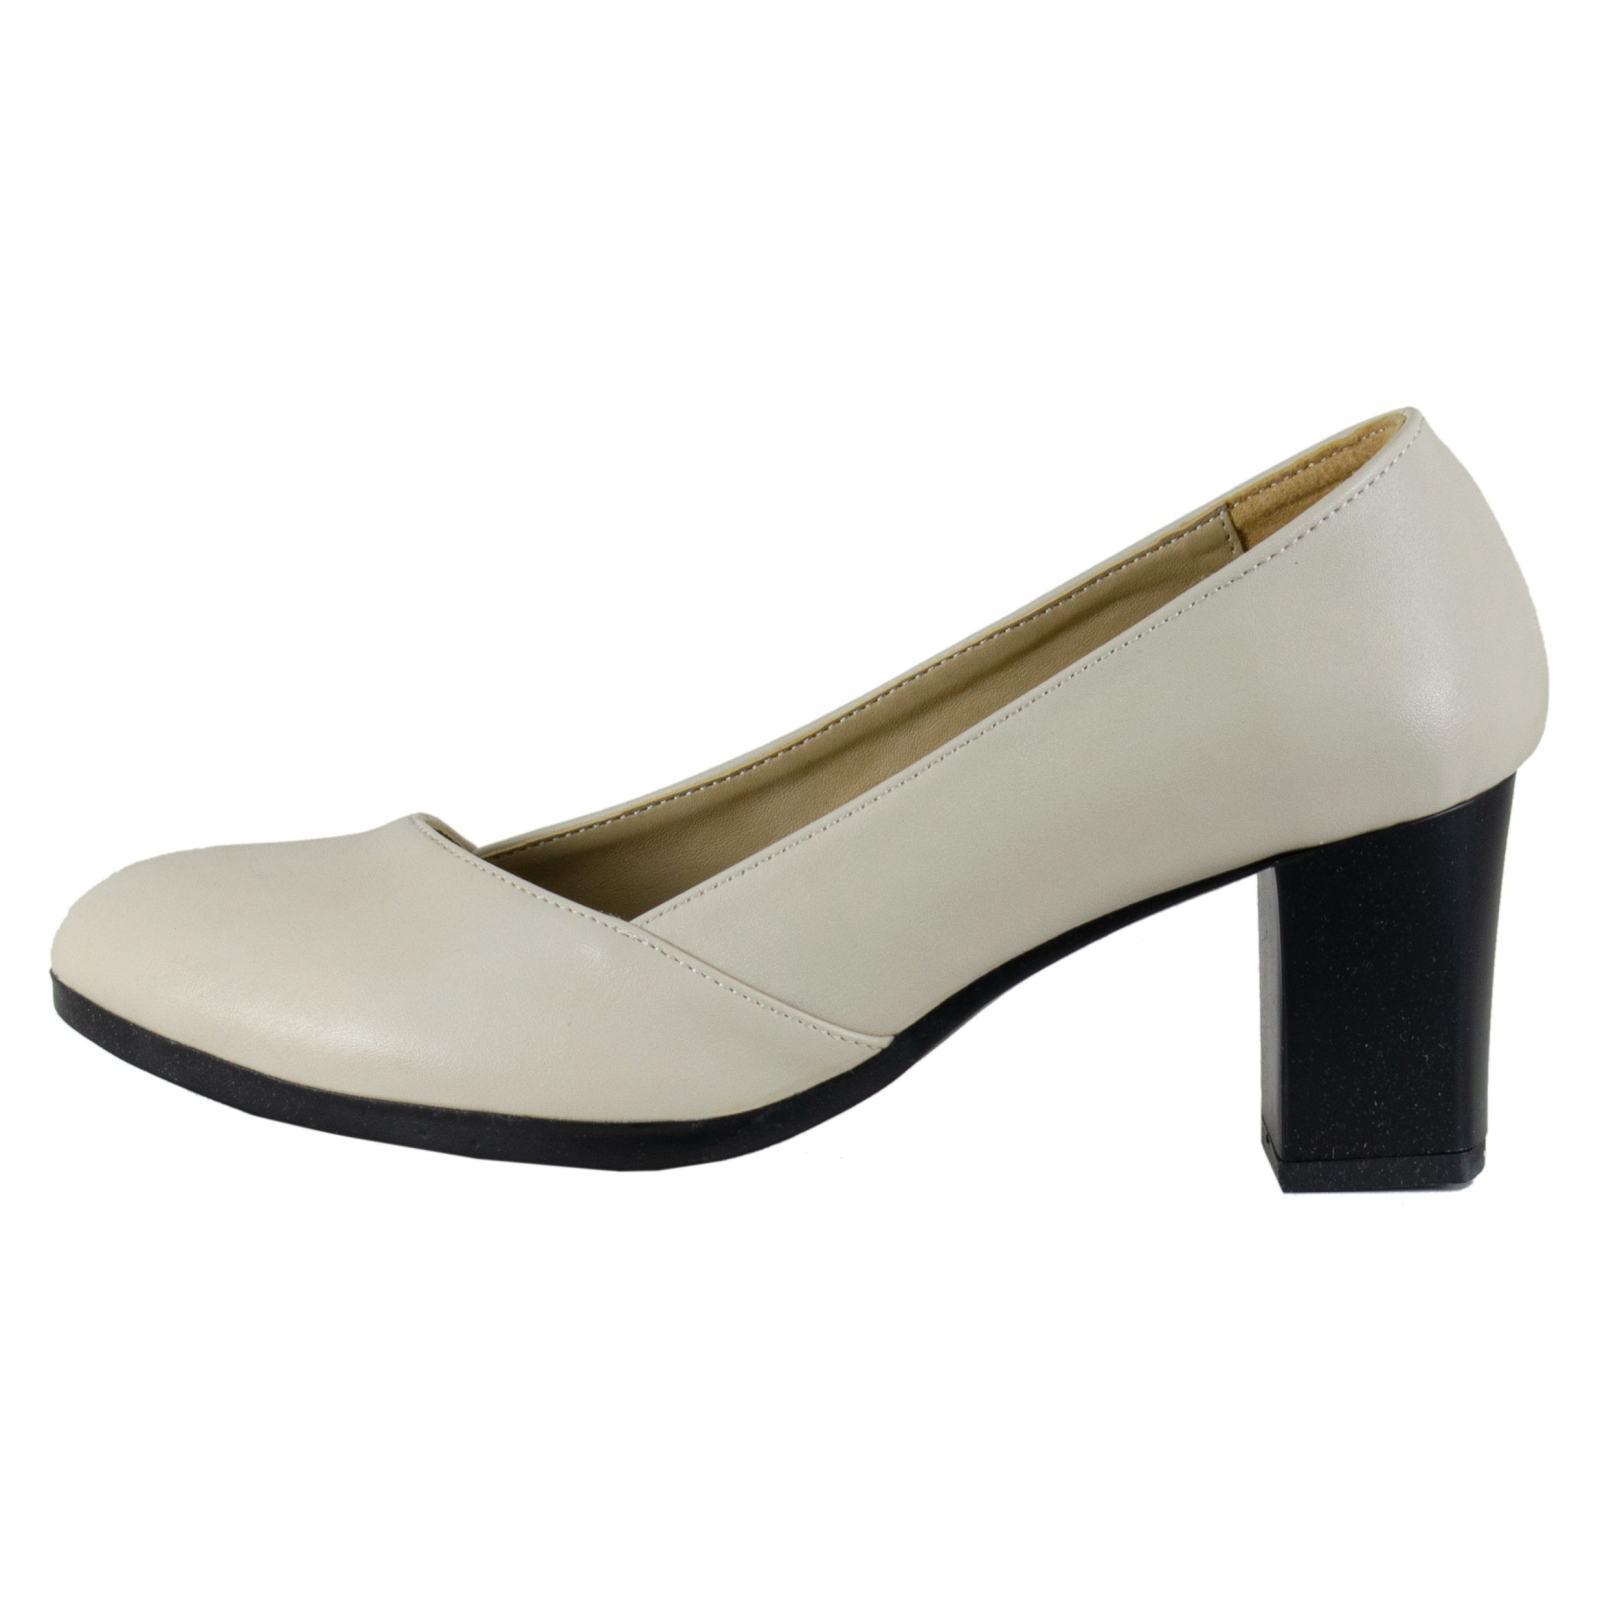 کفش زنانه آذاردو مدل W02602 main 1 1